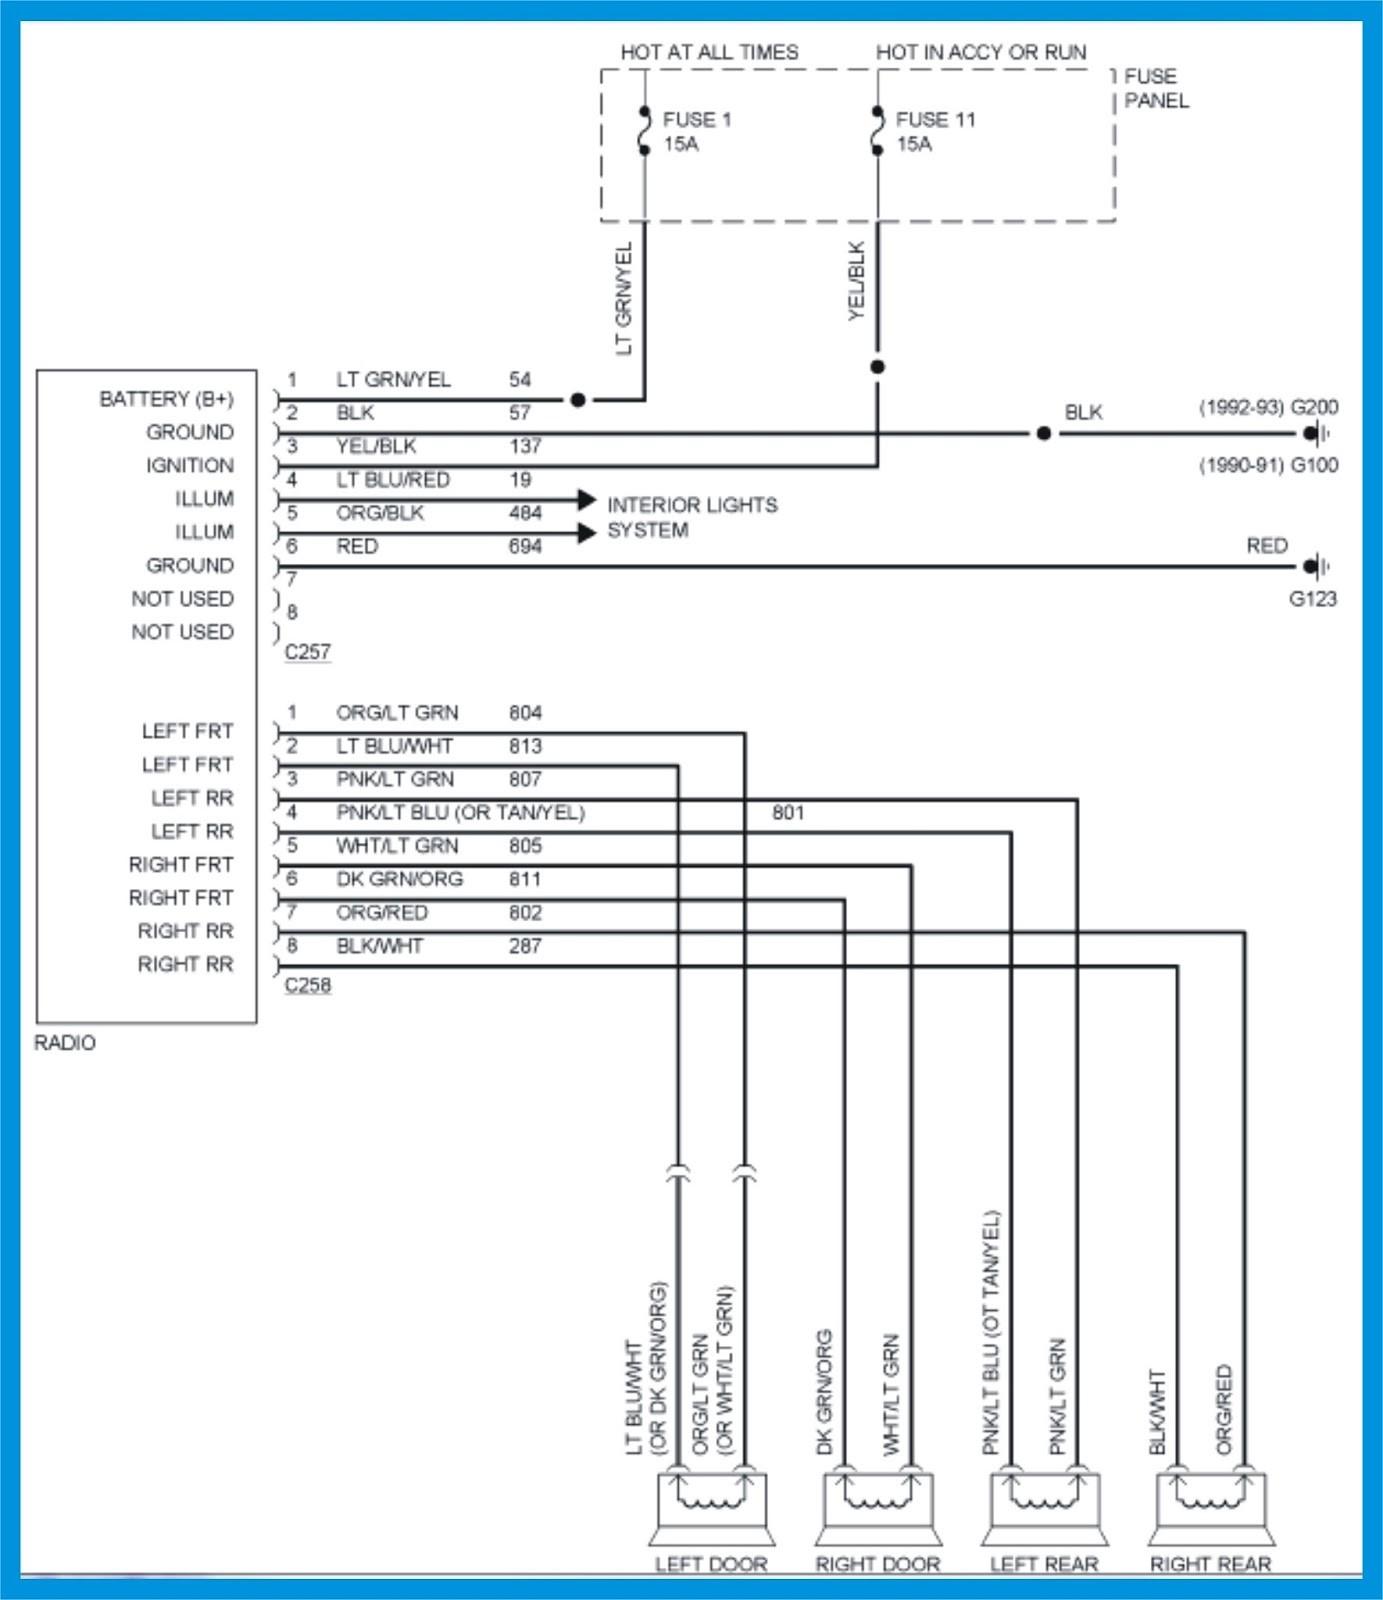 Pioneer Car Stereo Wiring Diagram Me 12 1 | Hastalavista - Pioneer Car Stereo Wiring Diagram Free